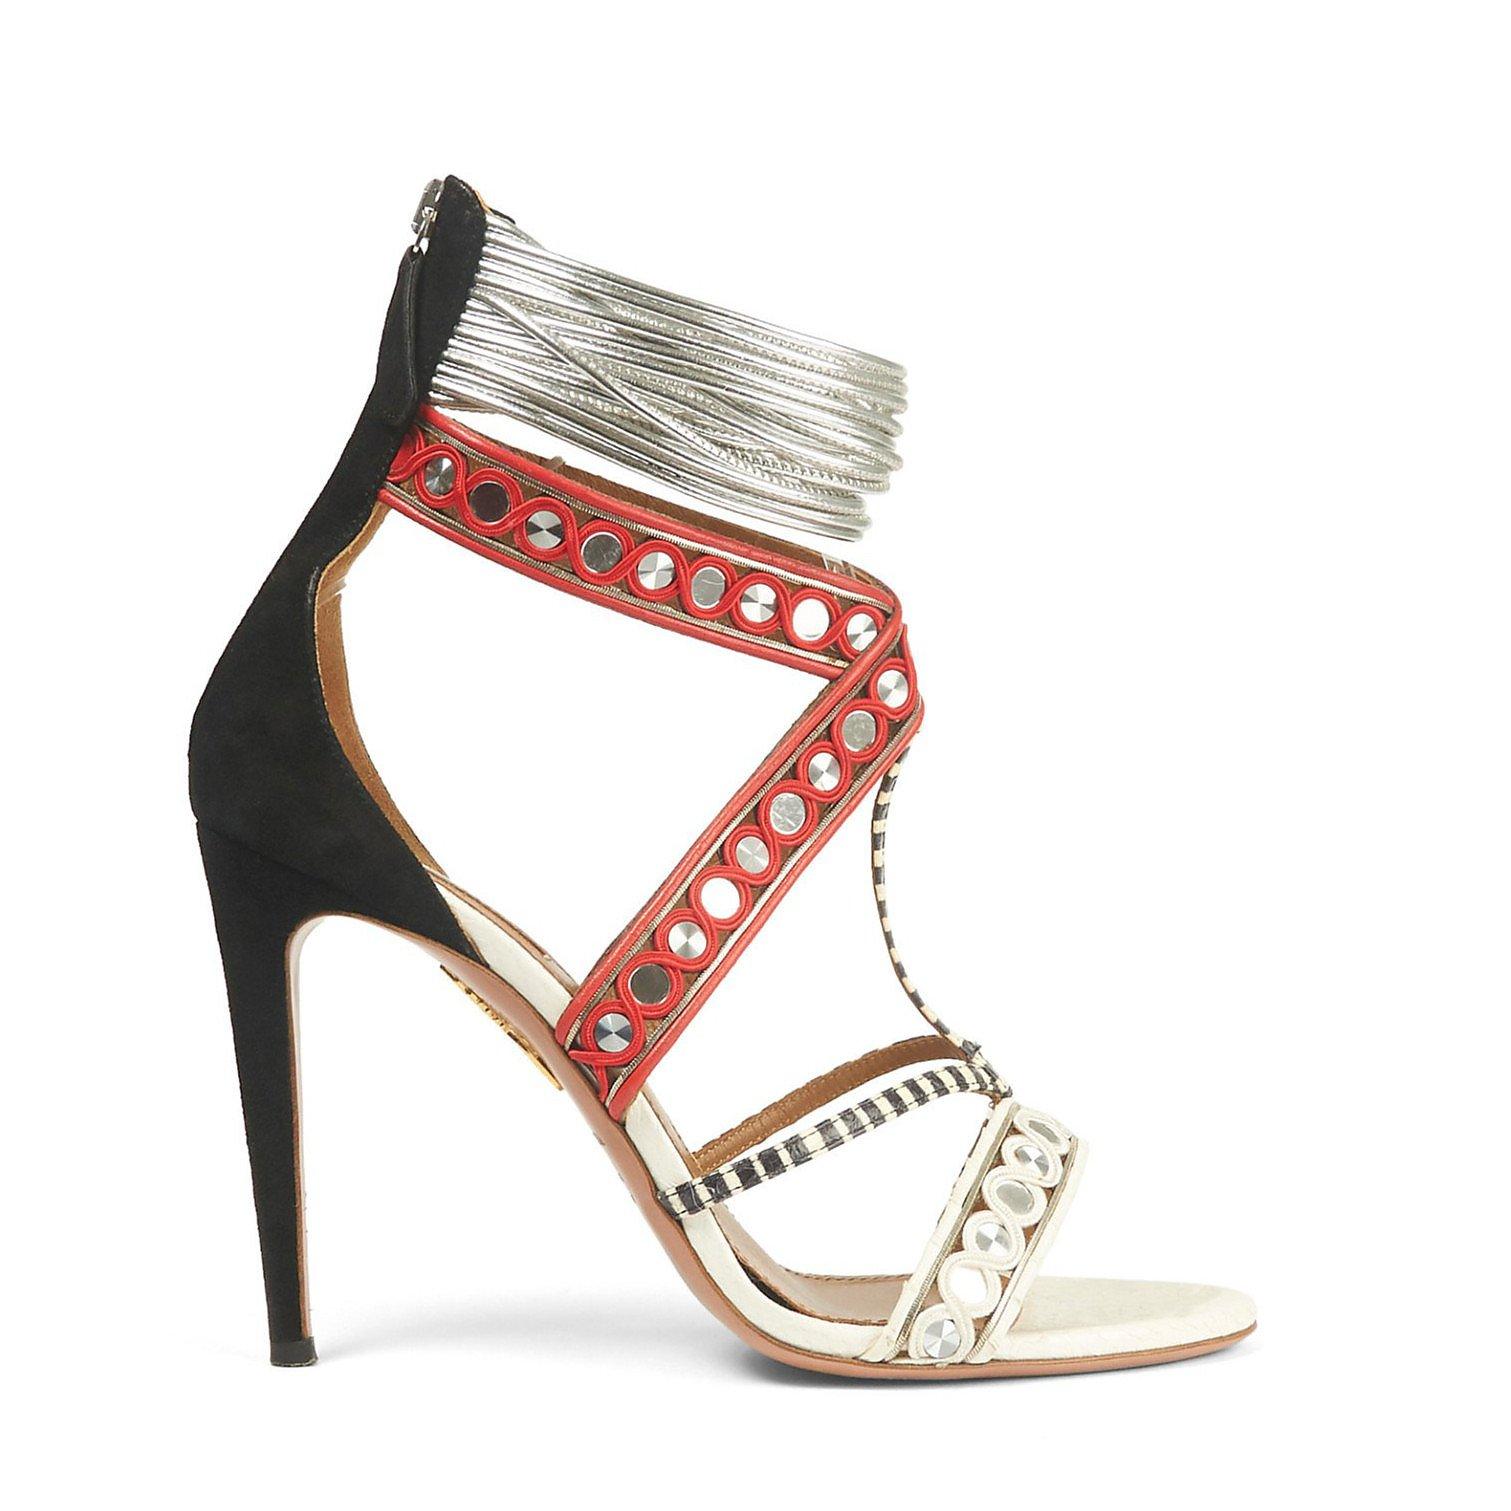 Aquazzura The Queen Embellished Sandals